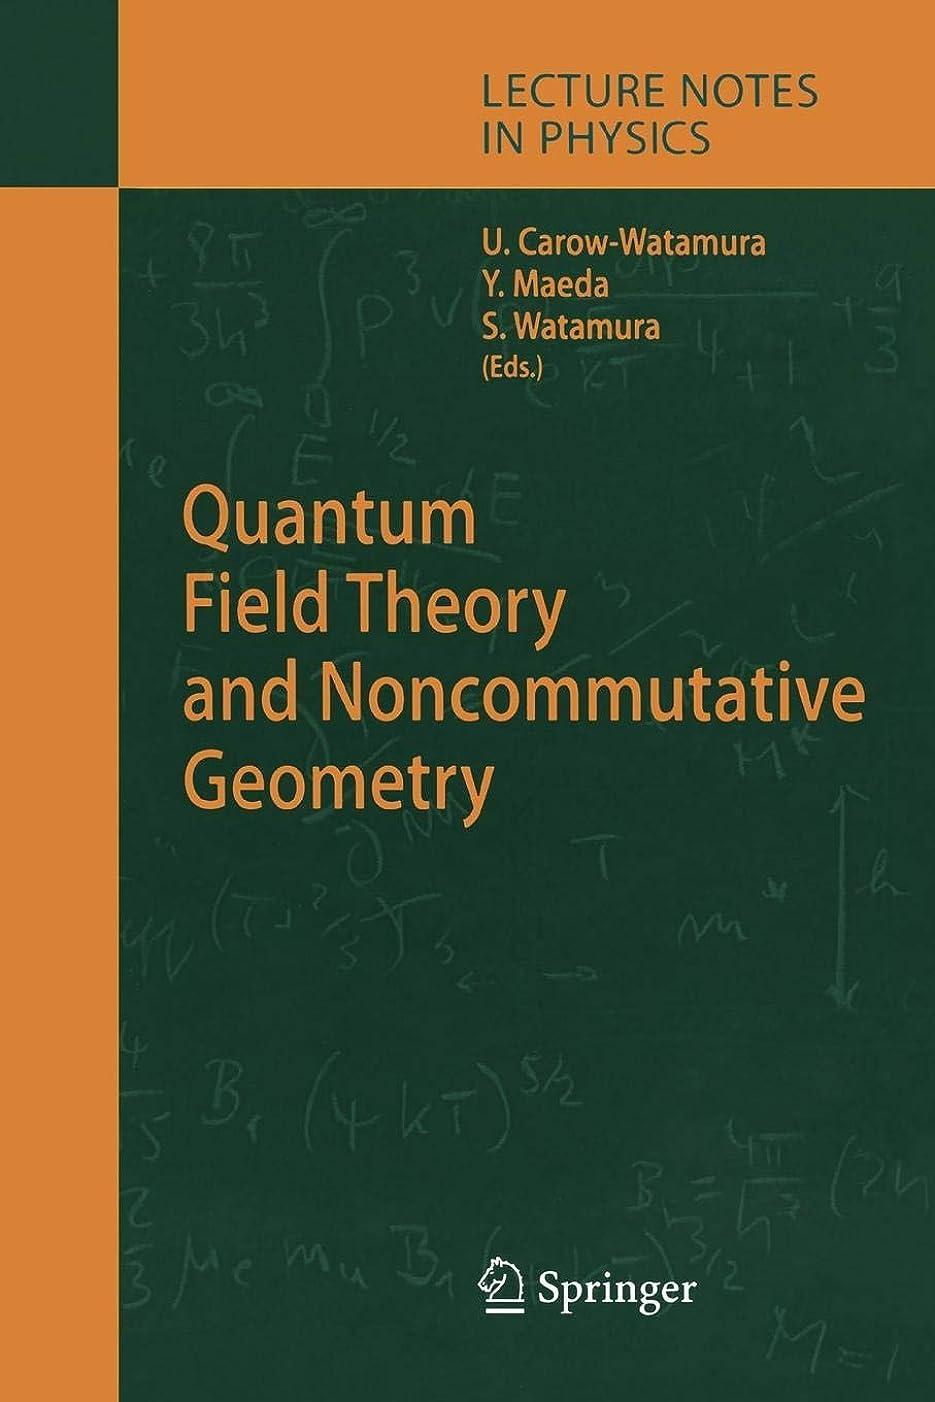 流産餌前文Quantum Field Theory and Noncommutative Geometry (Lecture Notes in Physics)